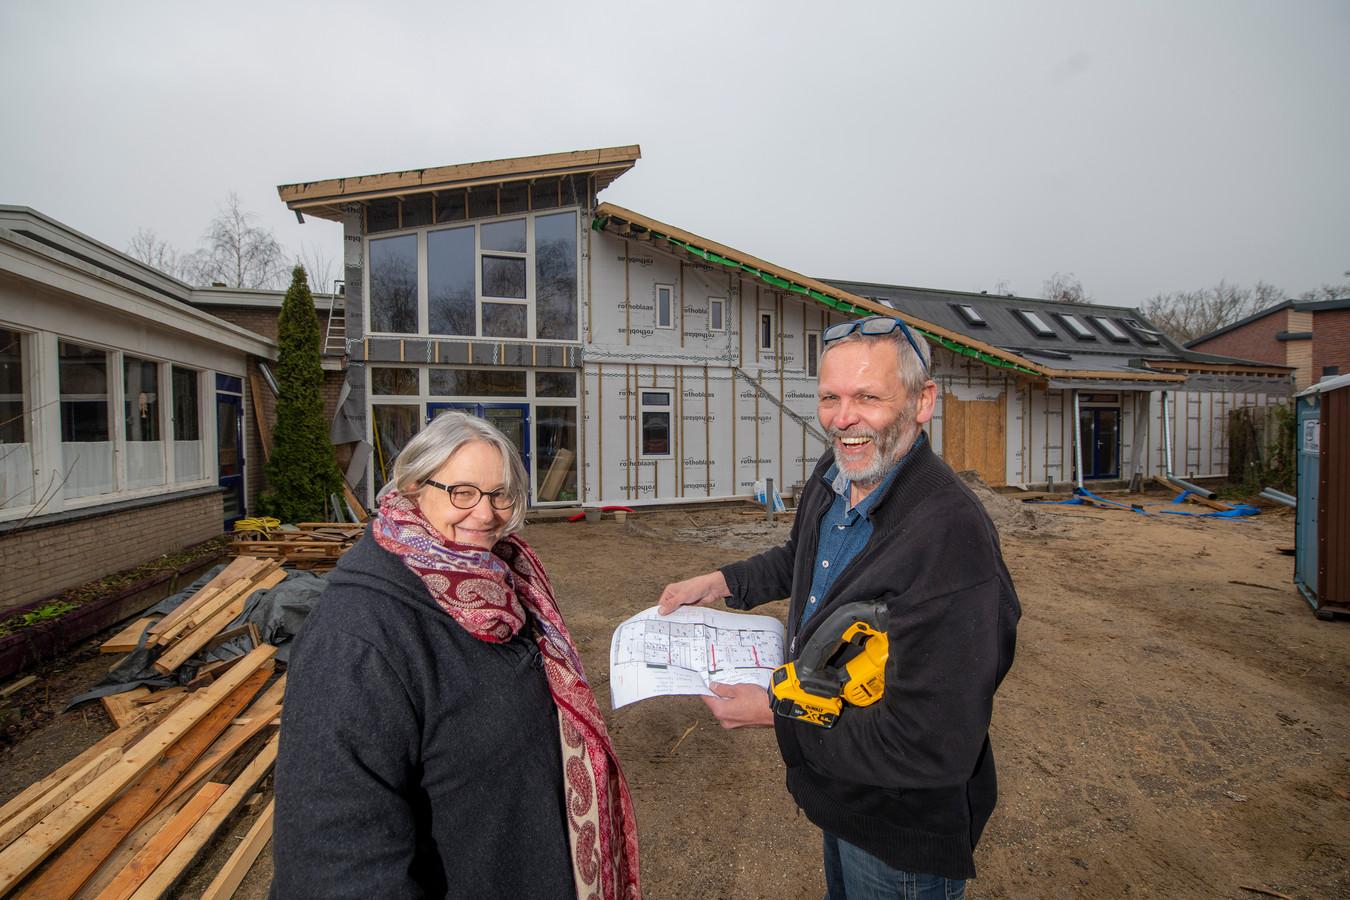 Schoolleider Hannah de Vos- Beckers met architect Michaël de Vos voor Aventurijn. Een deel van de school wordt na een brand weer opgebouwd.